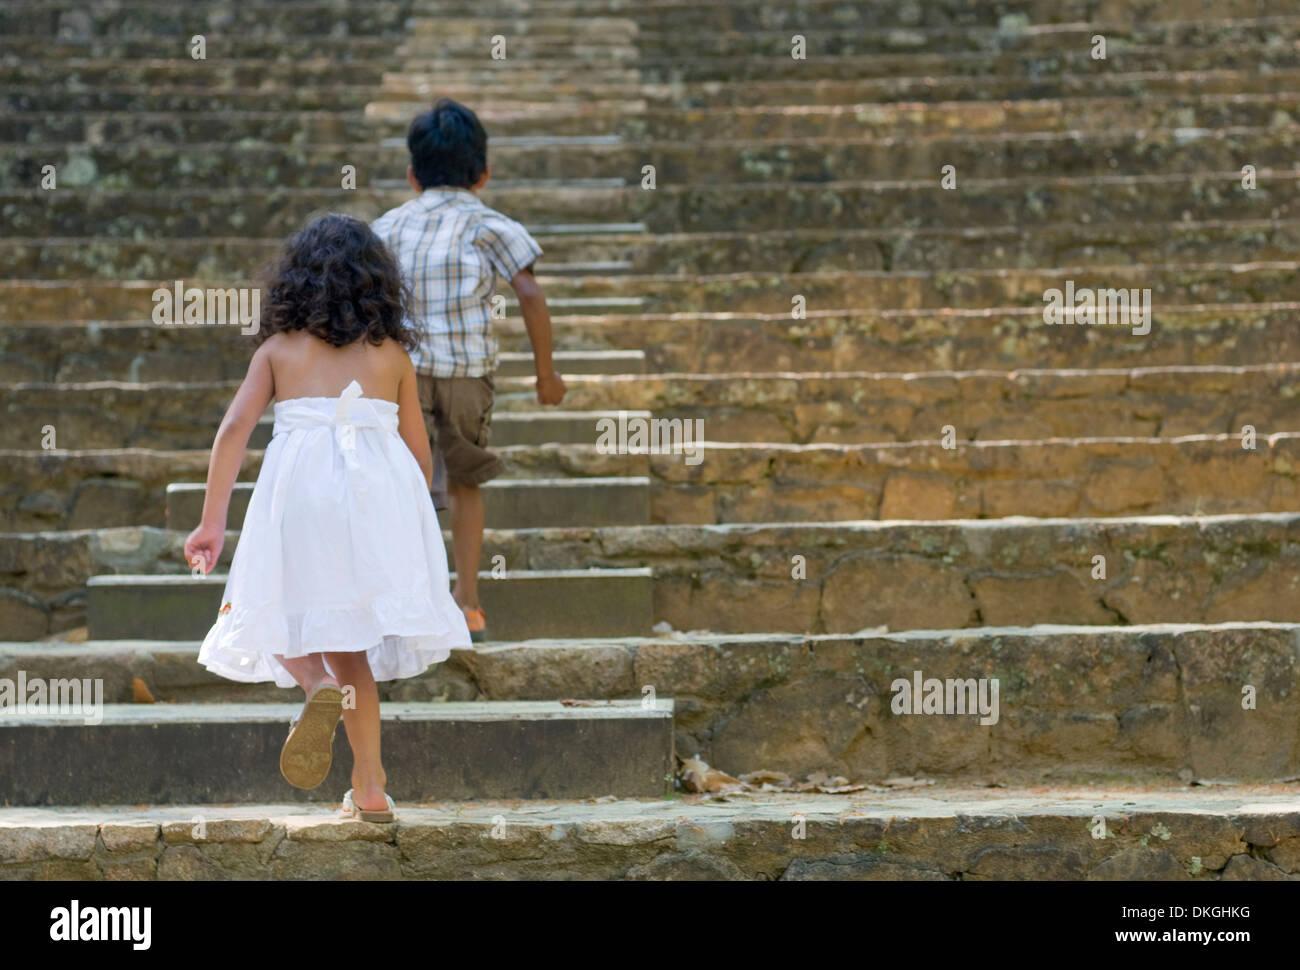 Zwei Geschwister, eine 5-jährige Herr Indianerjunge und ein 4-j hrige Herr guatemaltekischen Mädchen, historische, Stockfoto